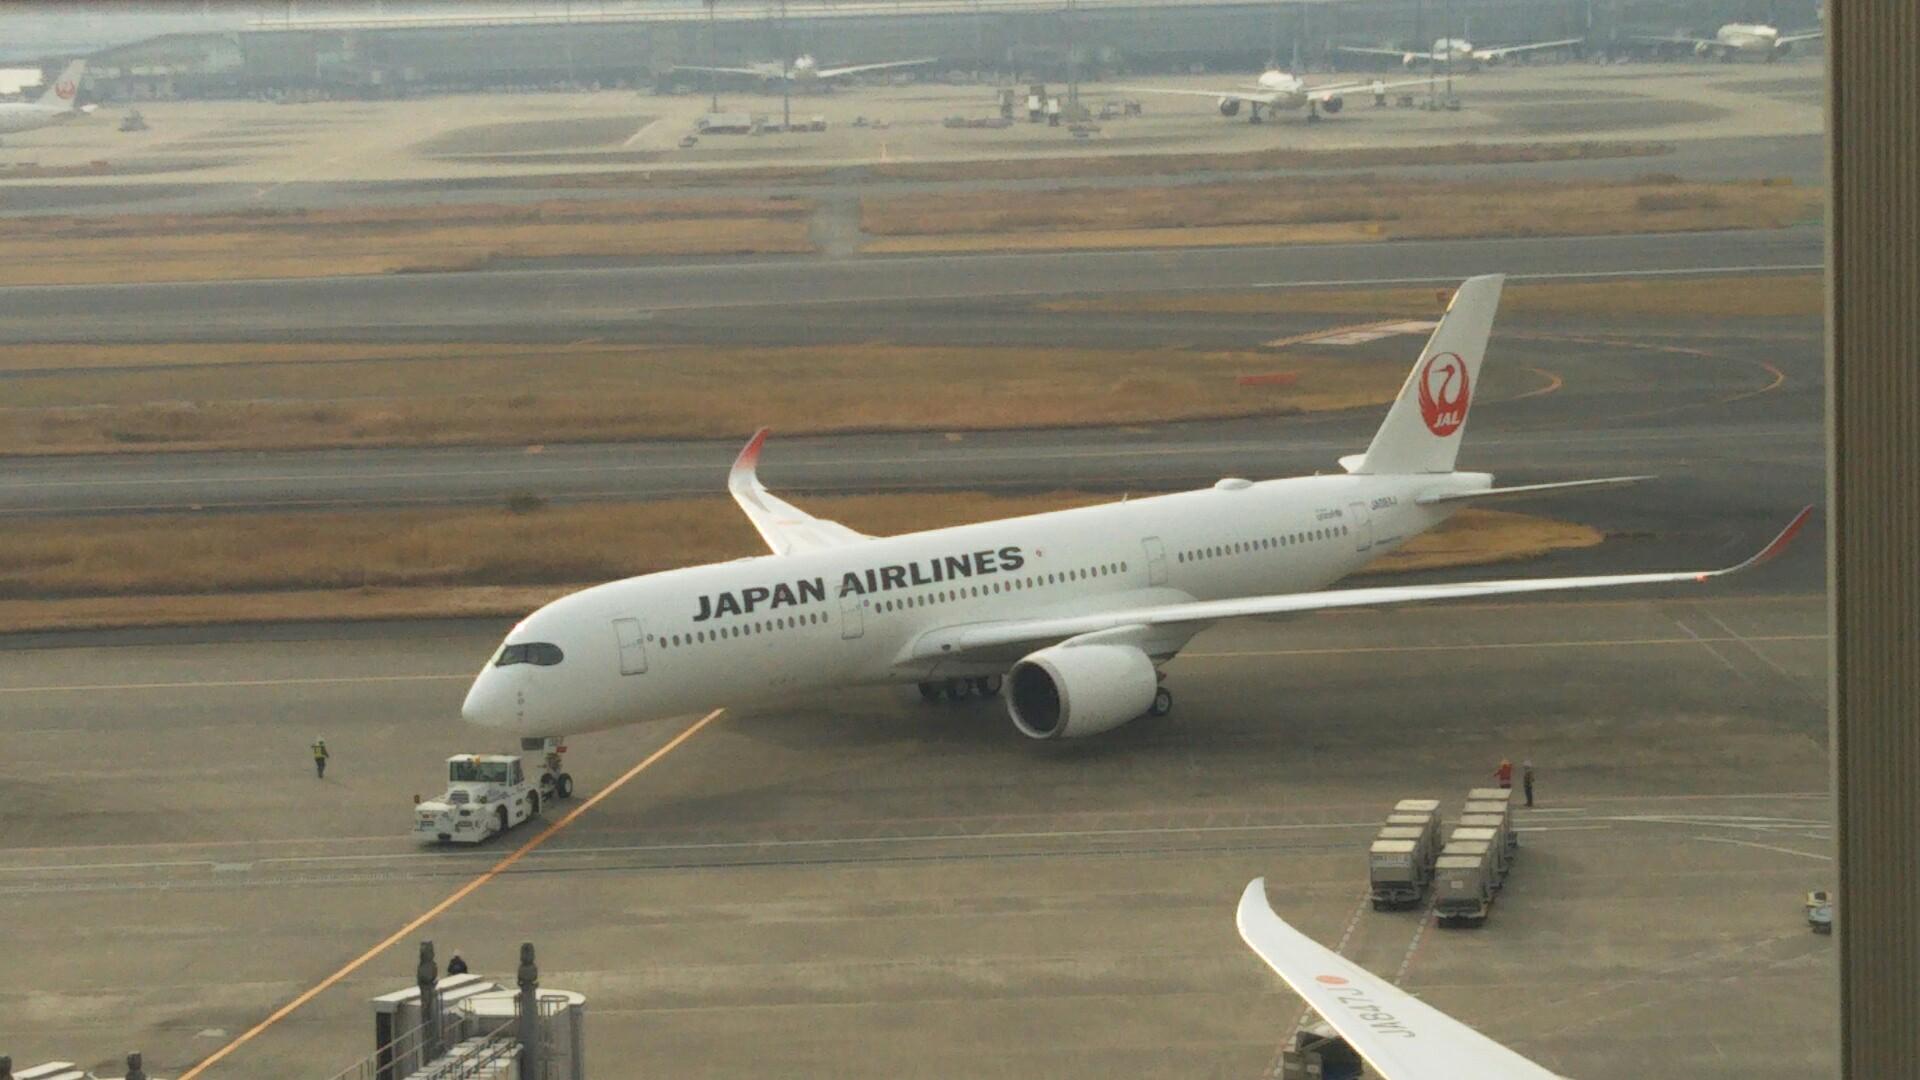 f:id:A350-900:20210109214224j:image